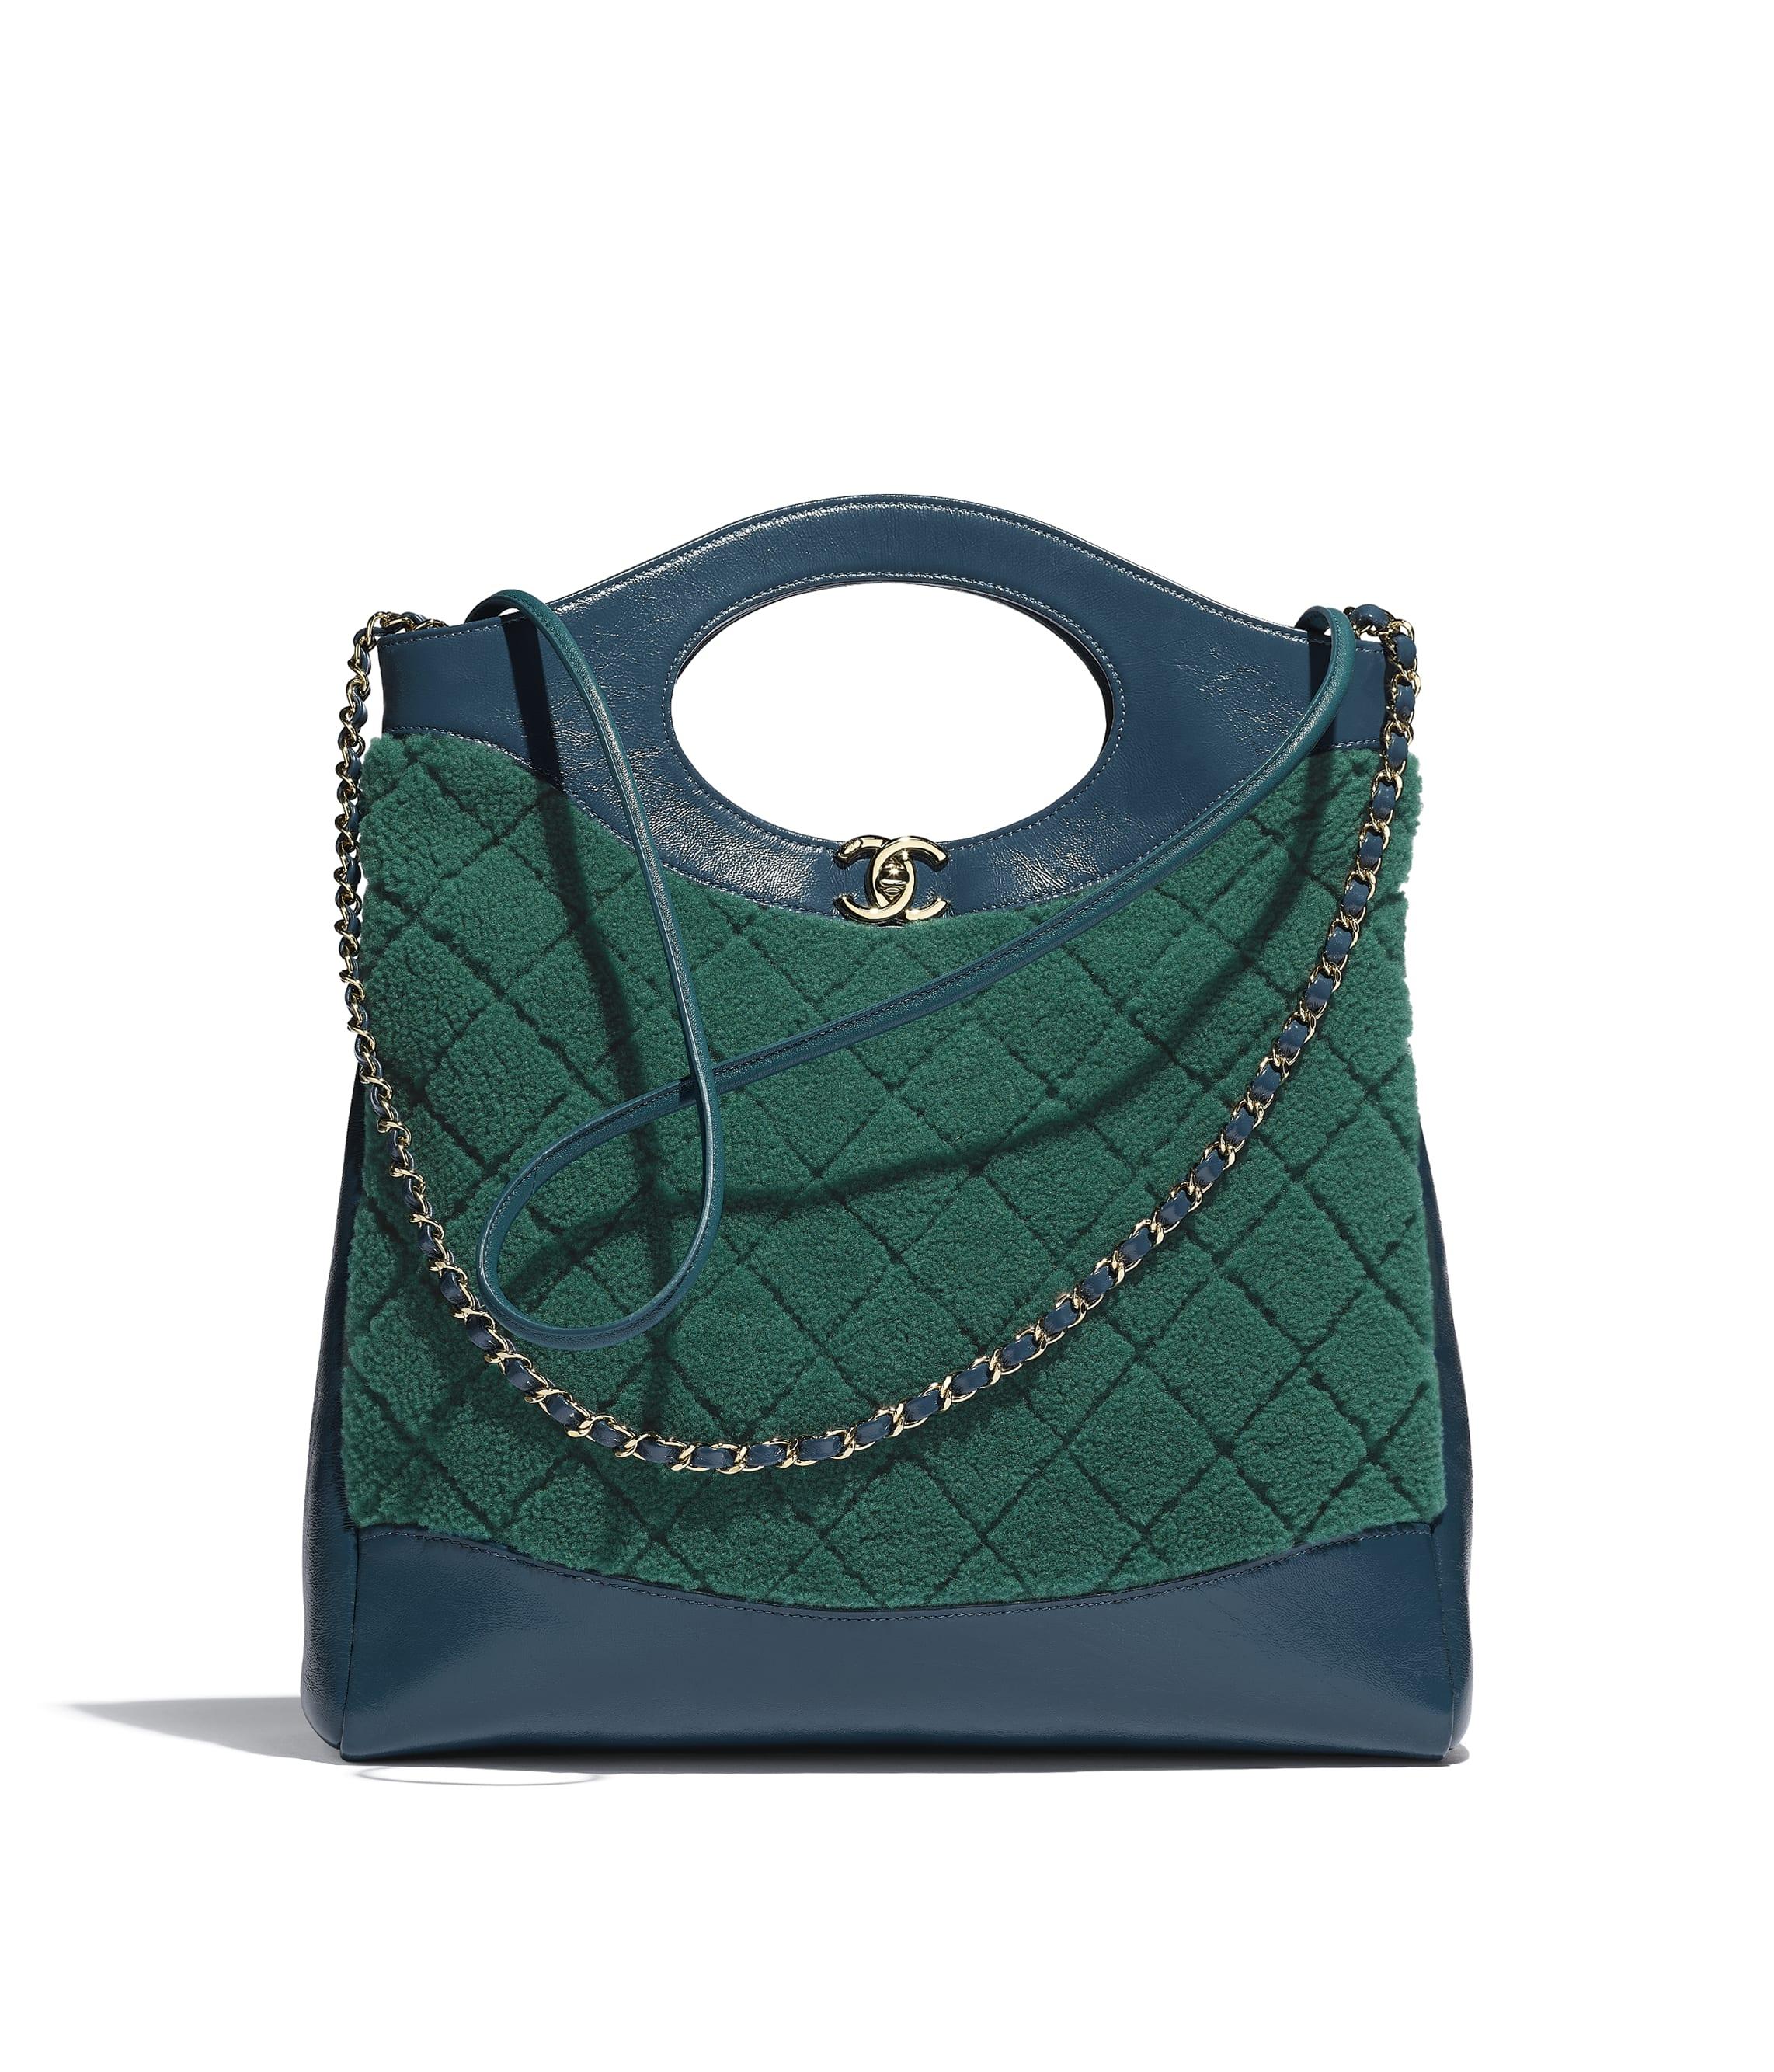 7b204091e33a New This Season - Handbags - CHANEL